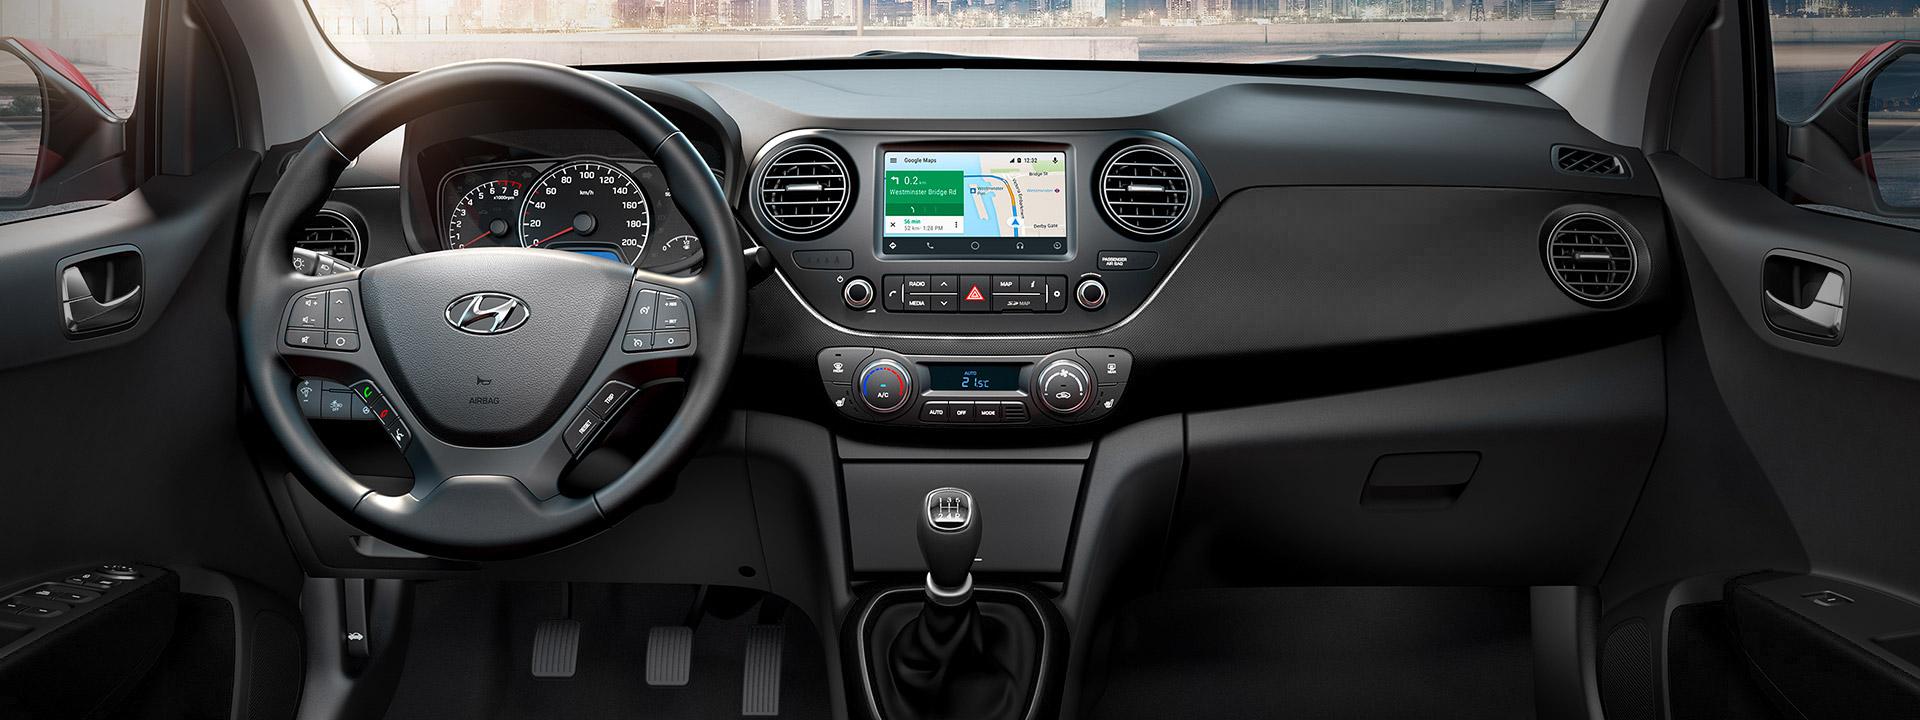 Ontdek de Hyundai i10 – Ruimte en gebruiksgemak   Hyundai